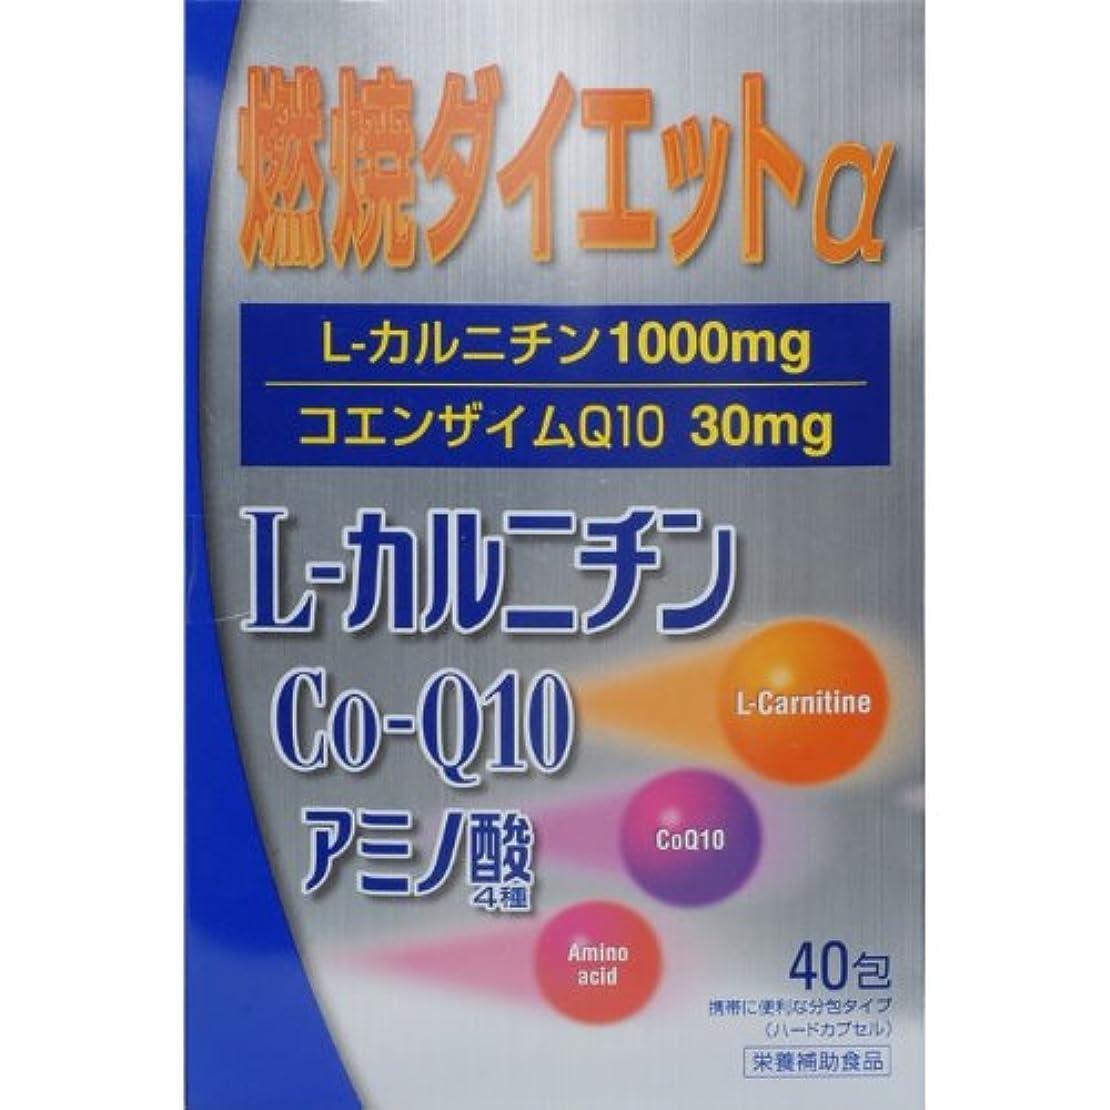 ラメ五市場燃焼ダイエットL‐カルニチンα 40包